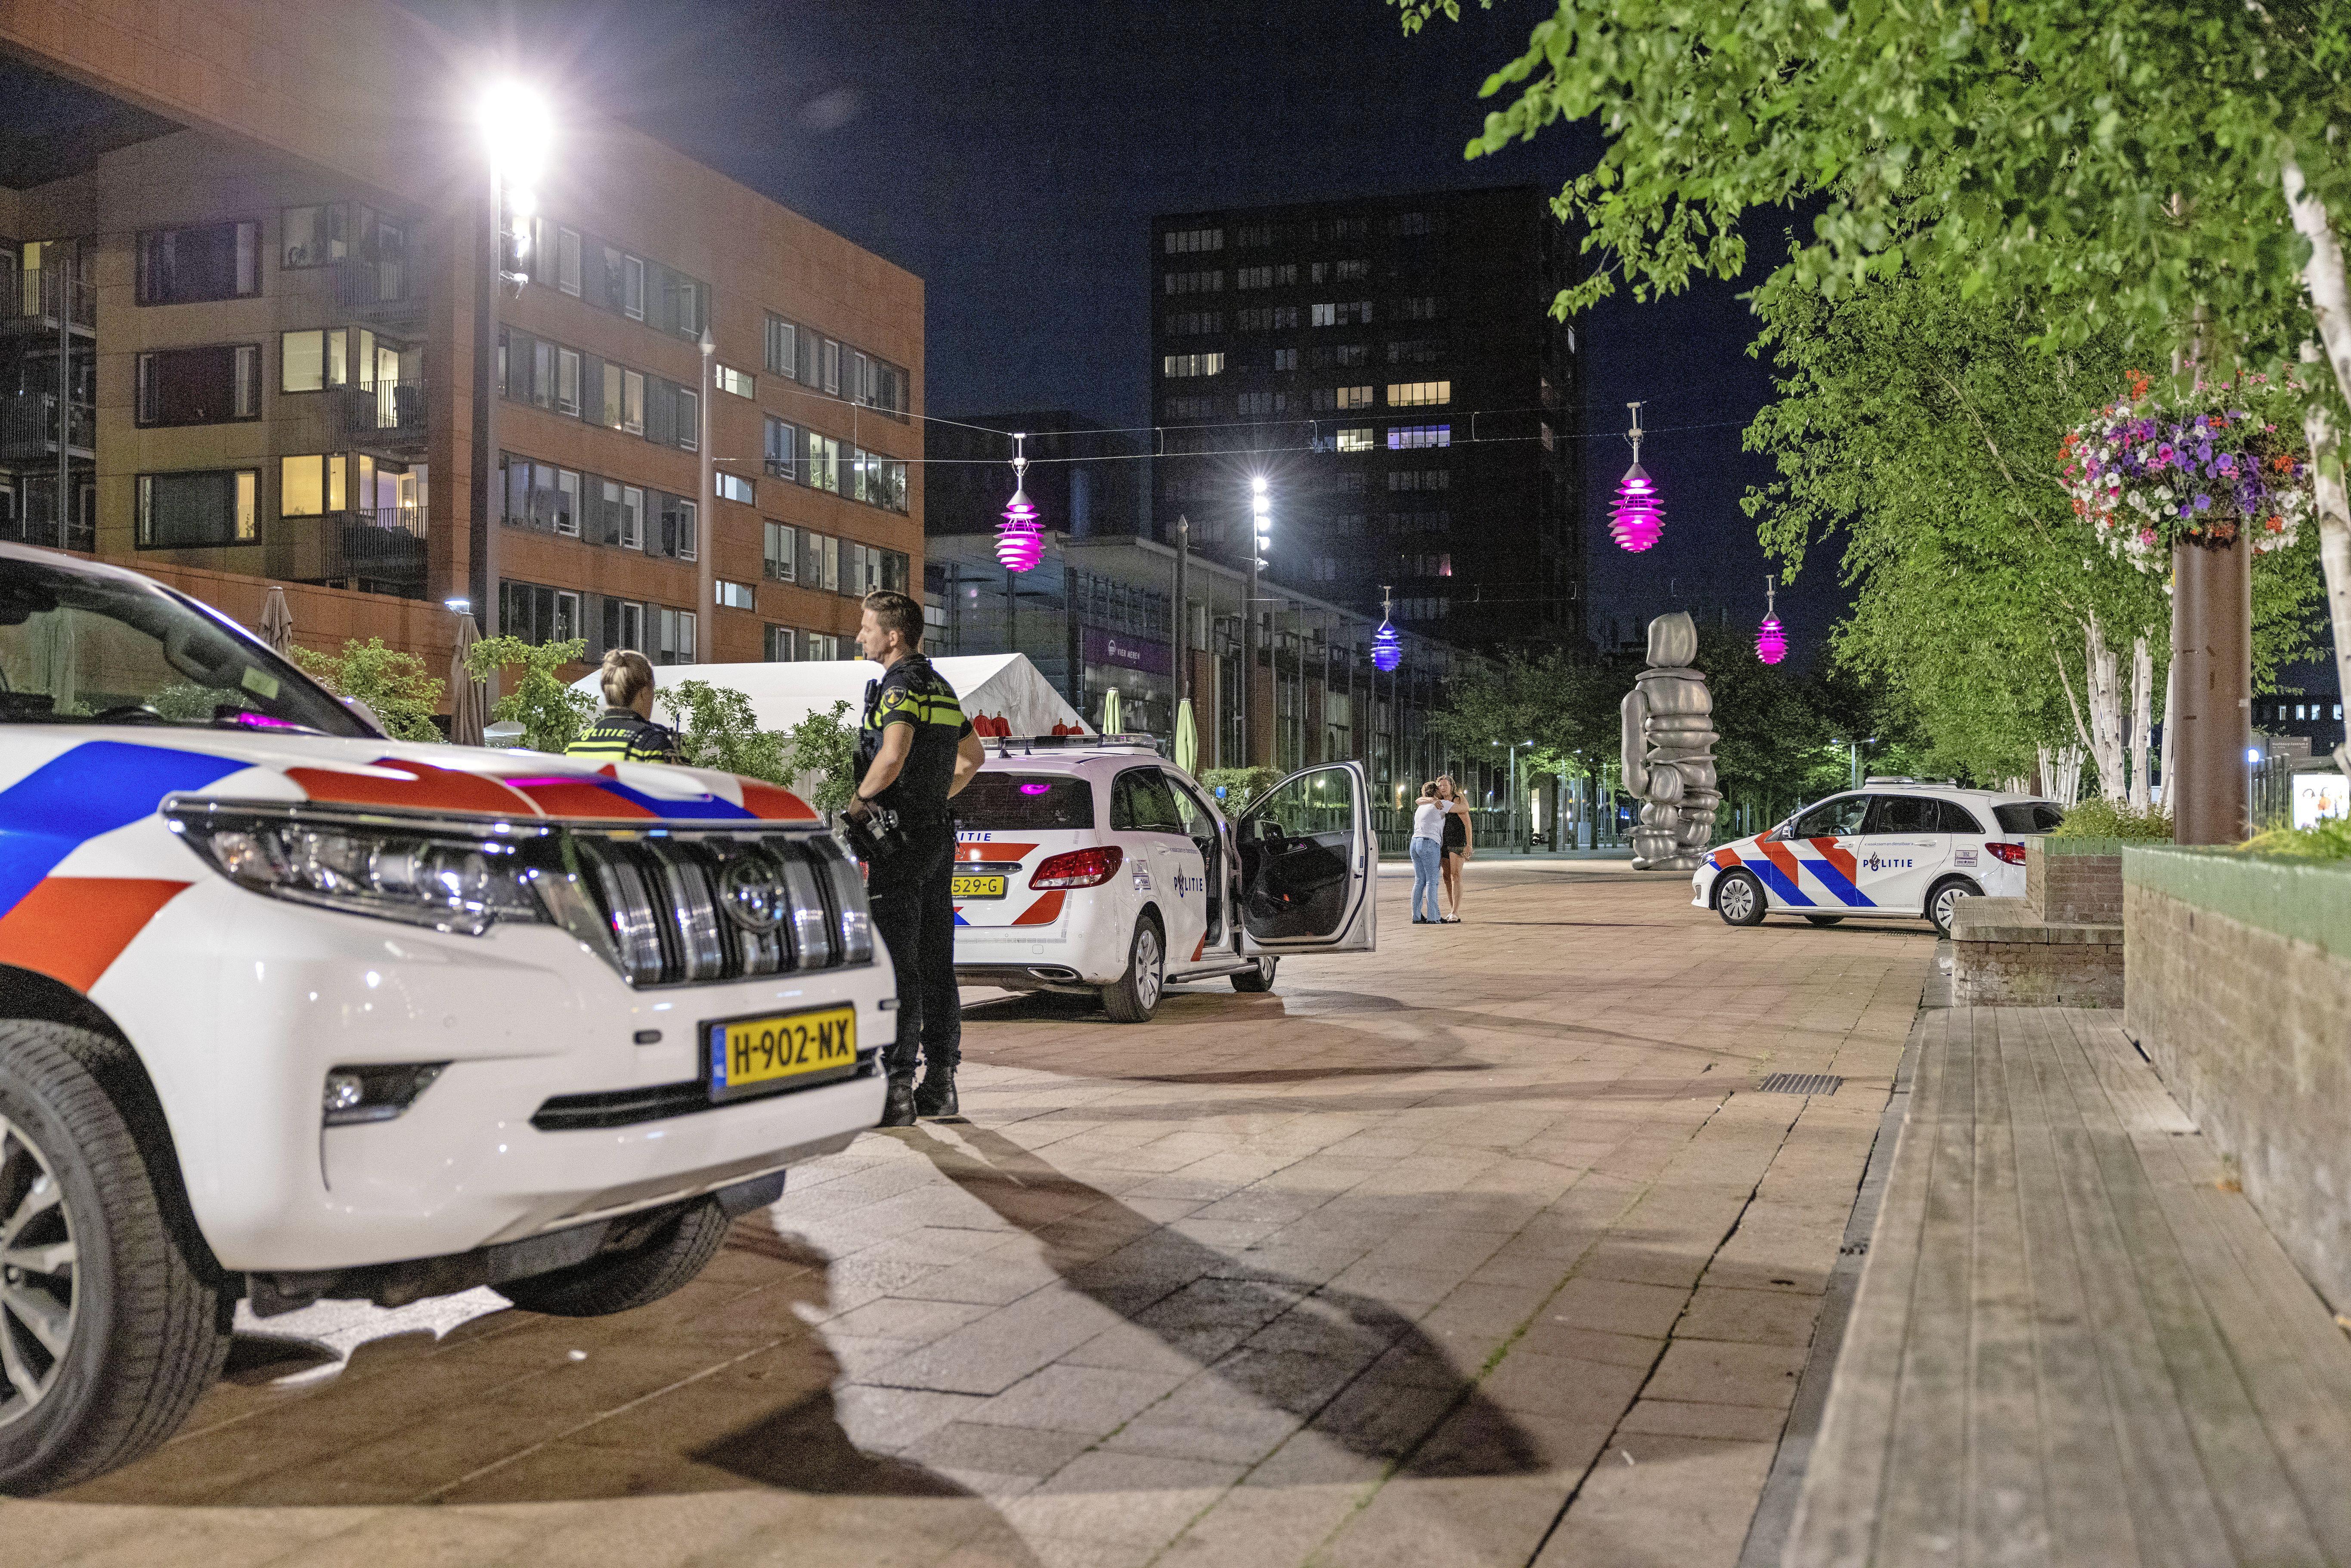 Burgemeester is het zat: camerabewaking op Van Stamplein in Hoofddorp en tijdelijke stalling voor e-bikes